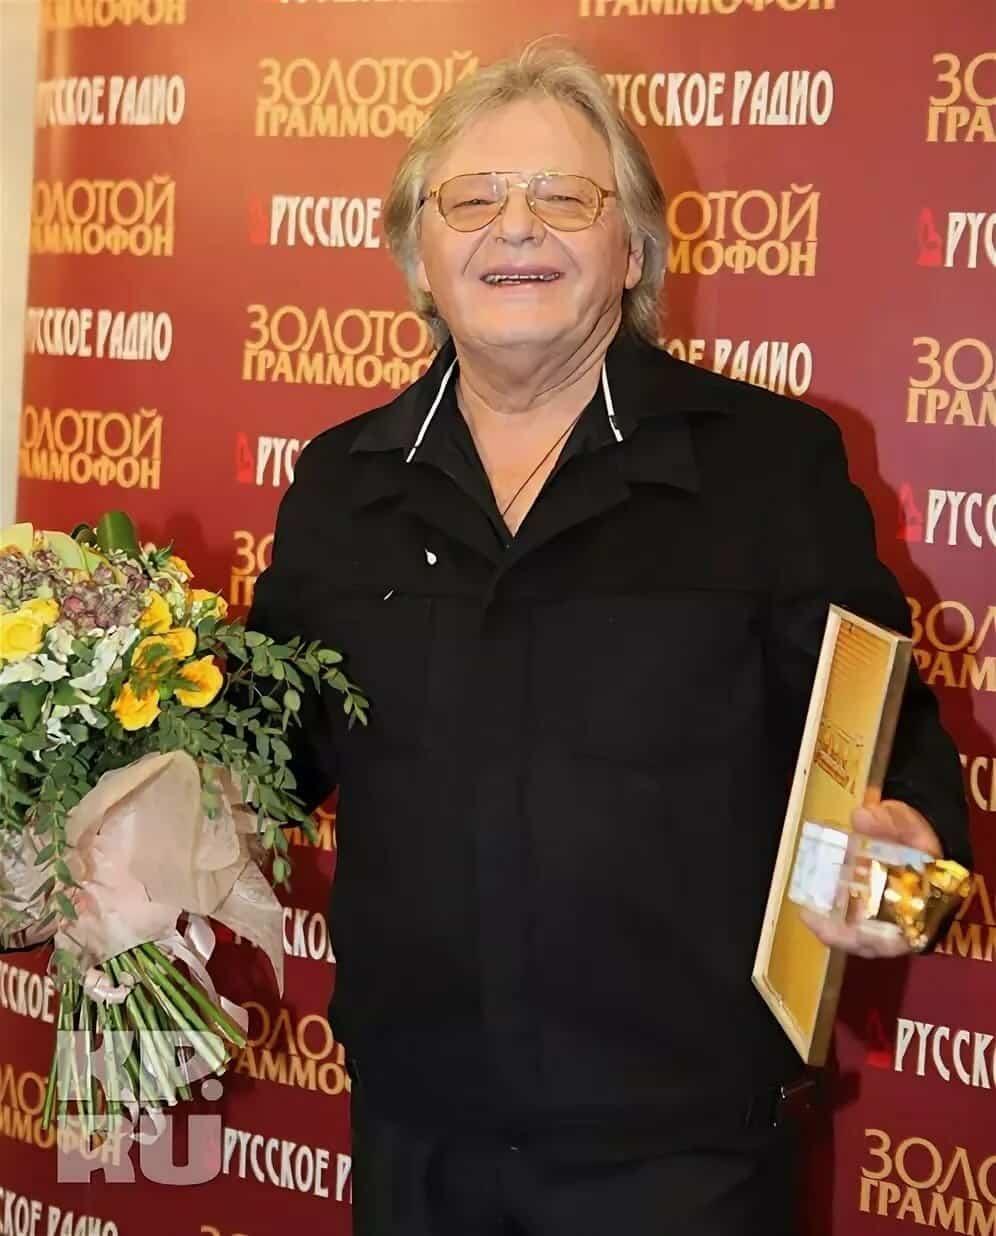 Юрий Антонов, чем болеет: последние новости, биография и награды